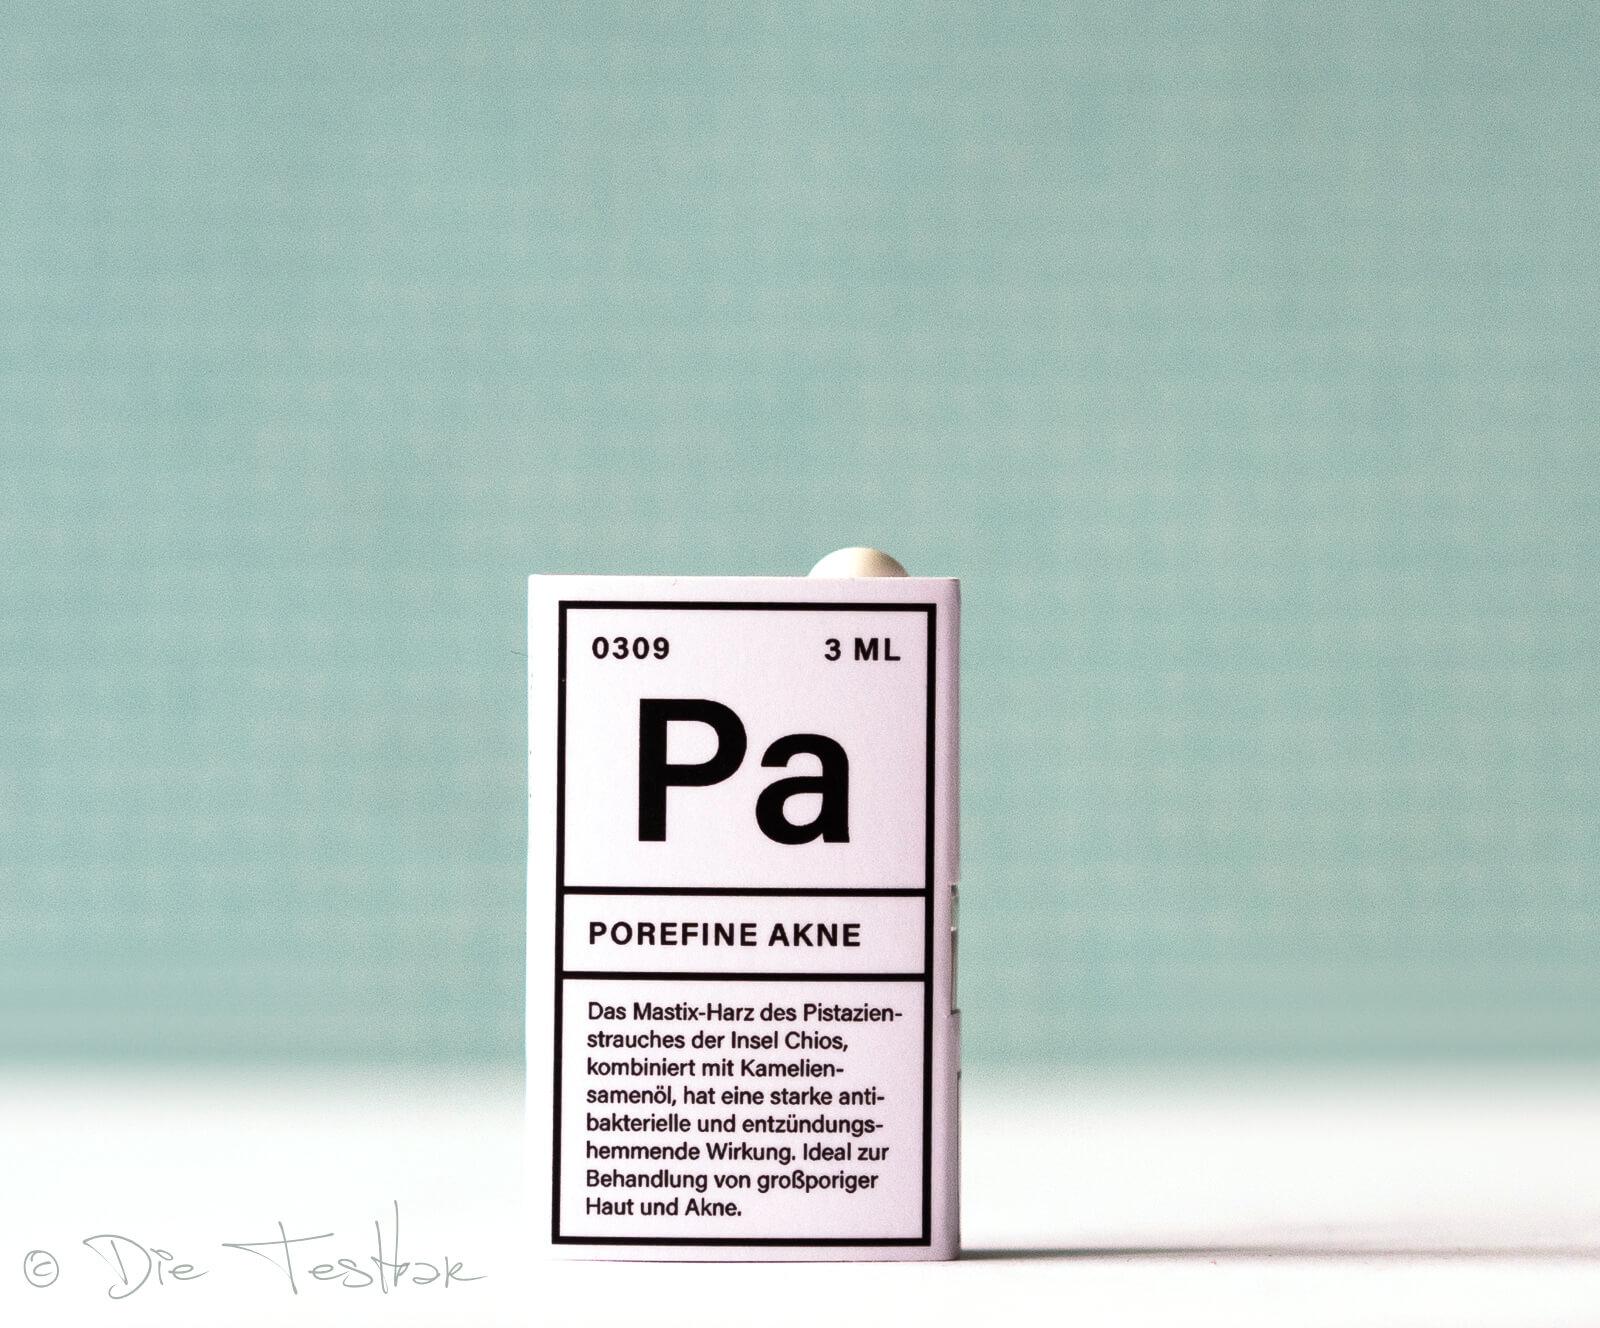 Pa - POREFINE AKNE - 0309 Zur Porenverfeinerung und bei Akne